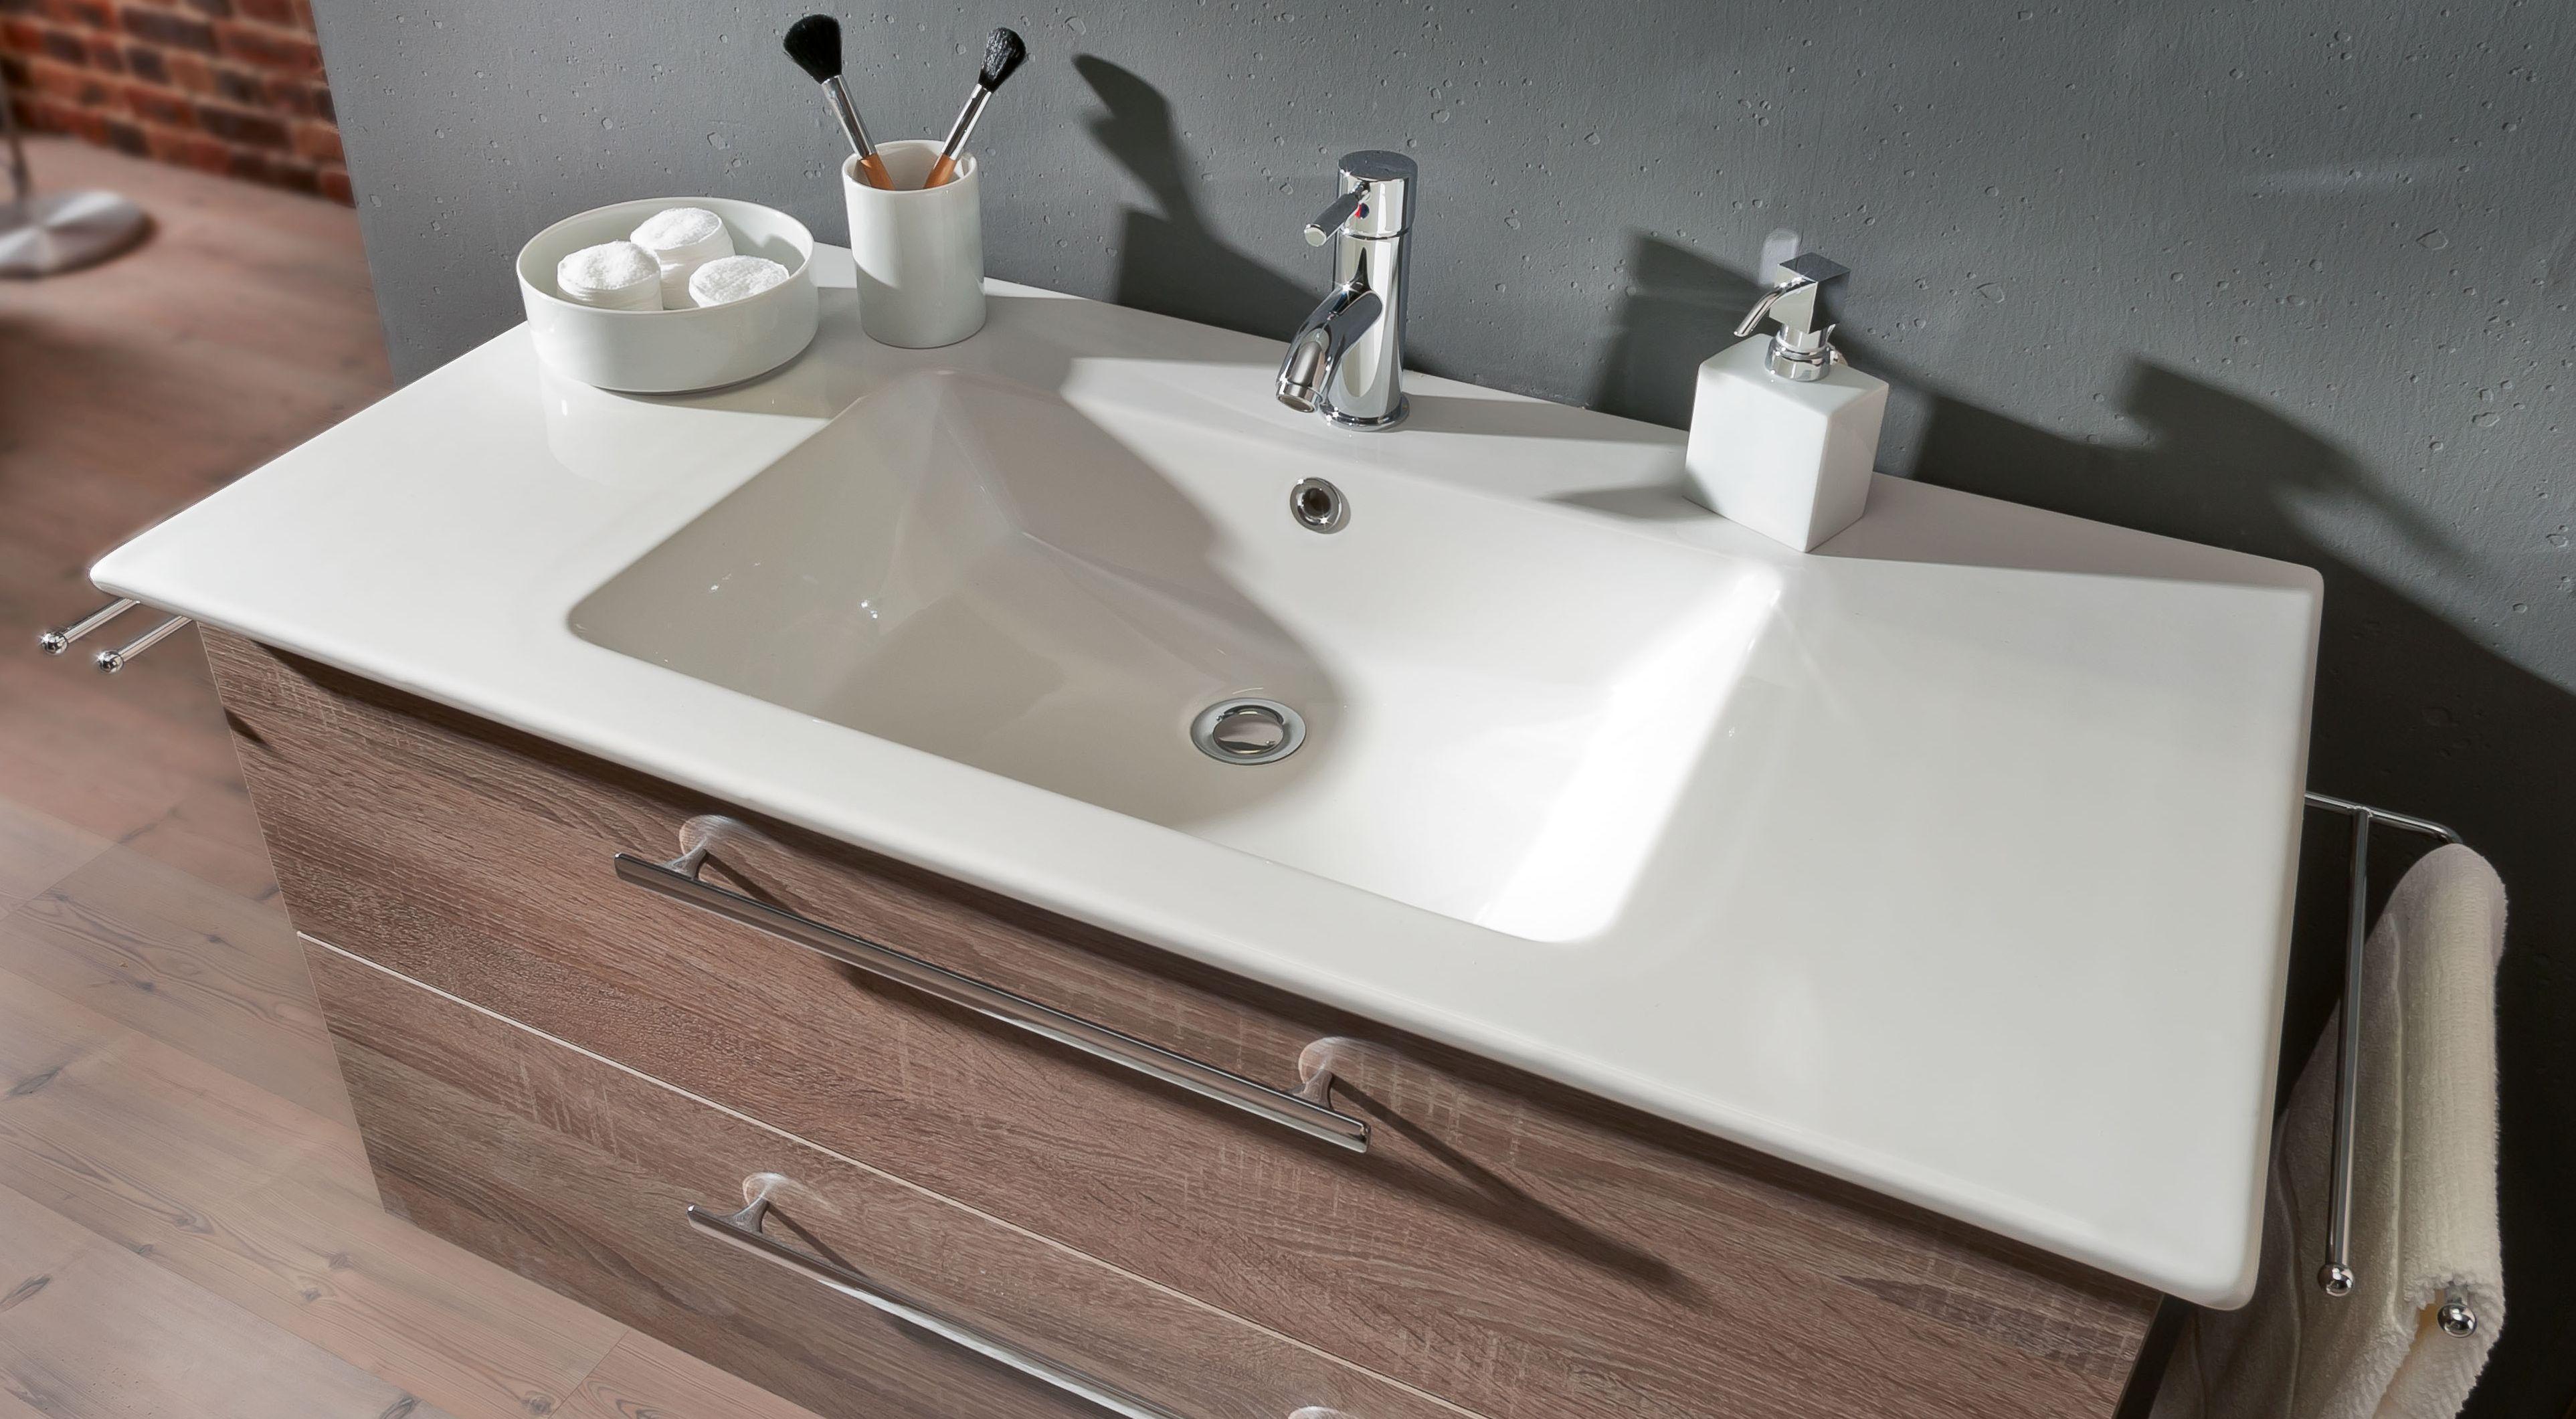 Plan De Toilette Salle De Bain marlin christall set-meubles de salle de bain avec armoire de toilette y  compris �clairage led, 100 cm